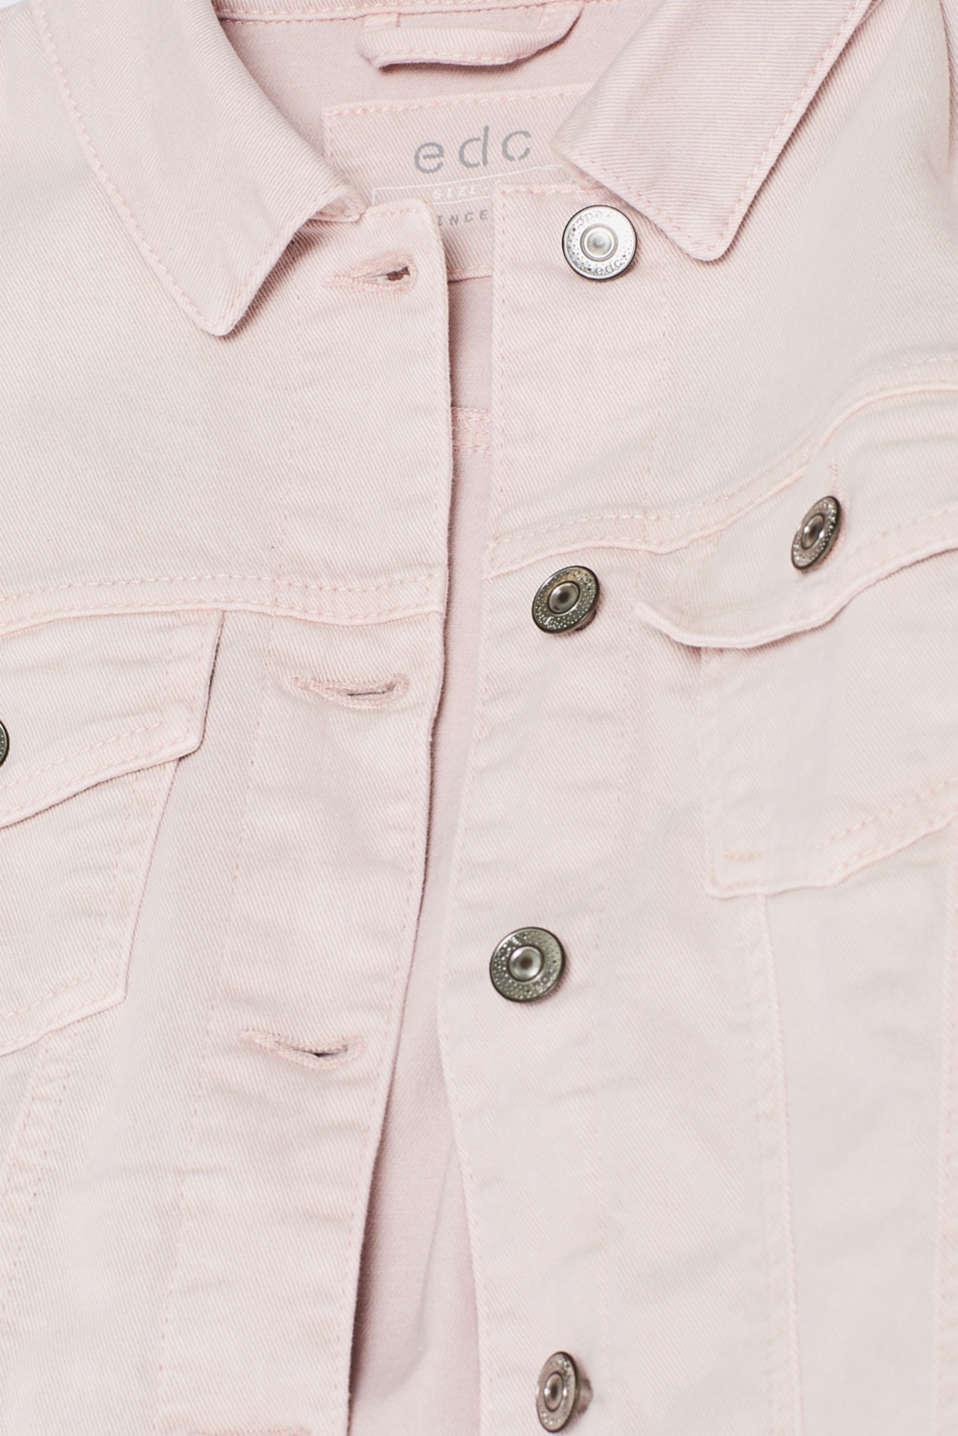 Jackets indoor denim, LIGHT PINK, detail image number 4